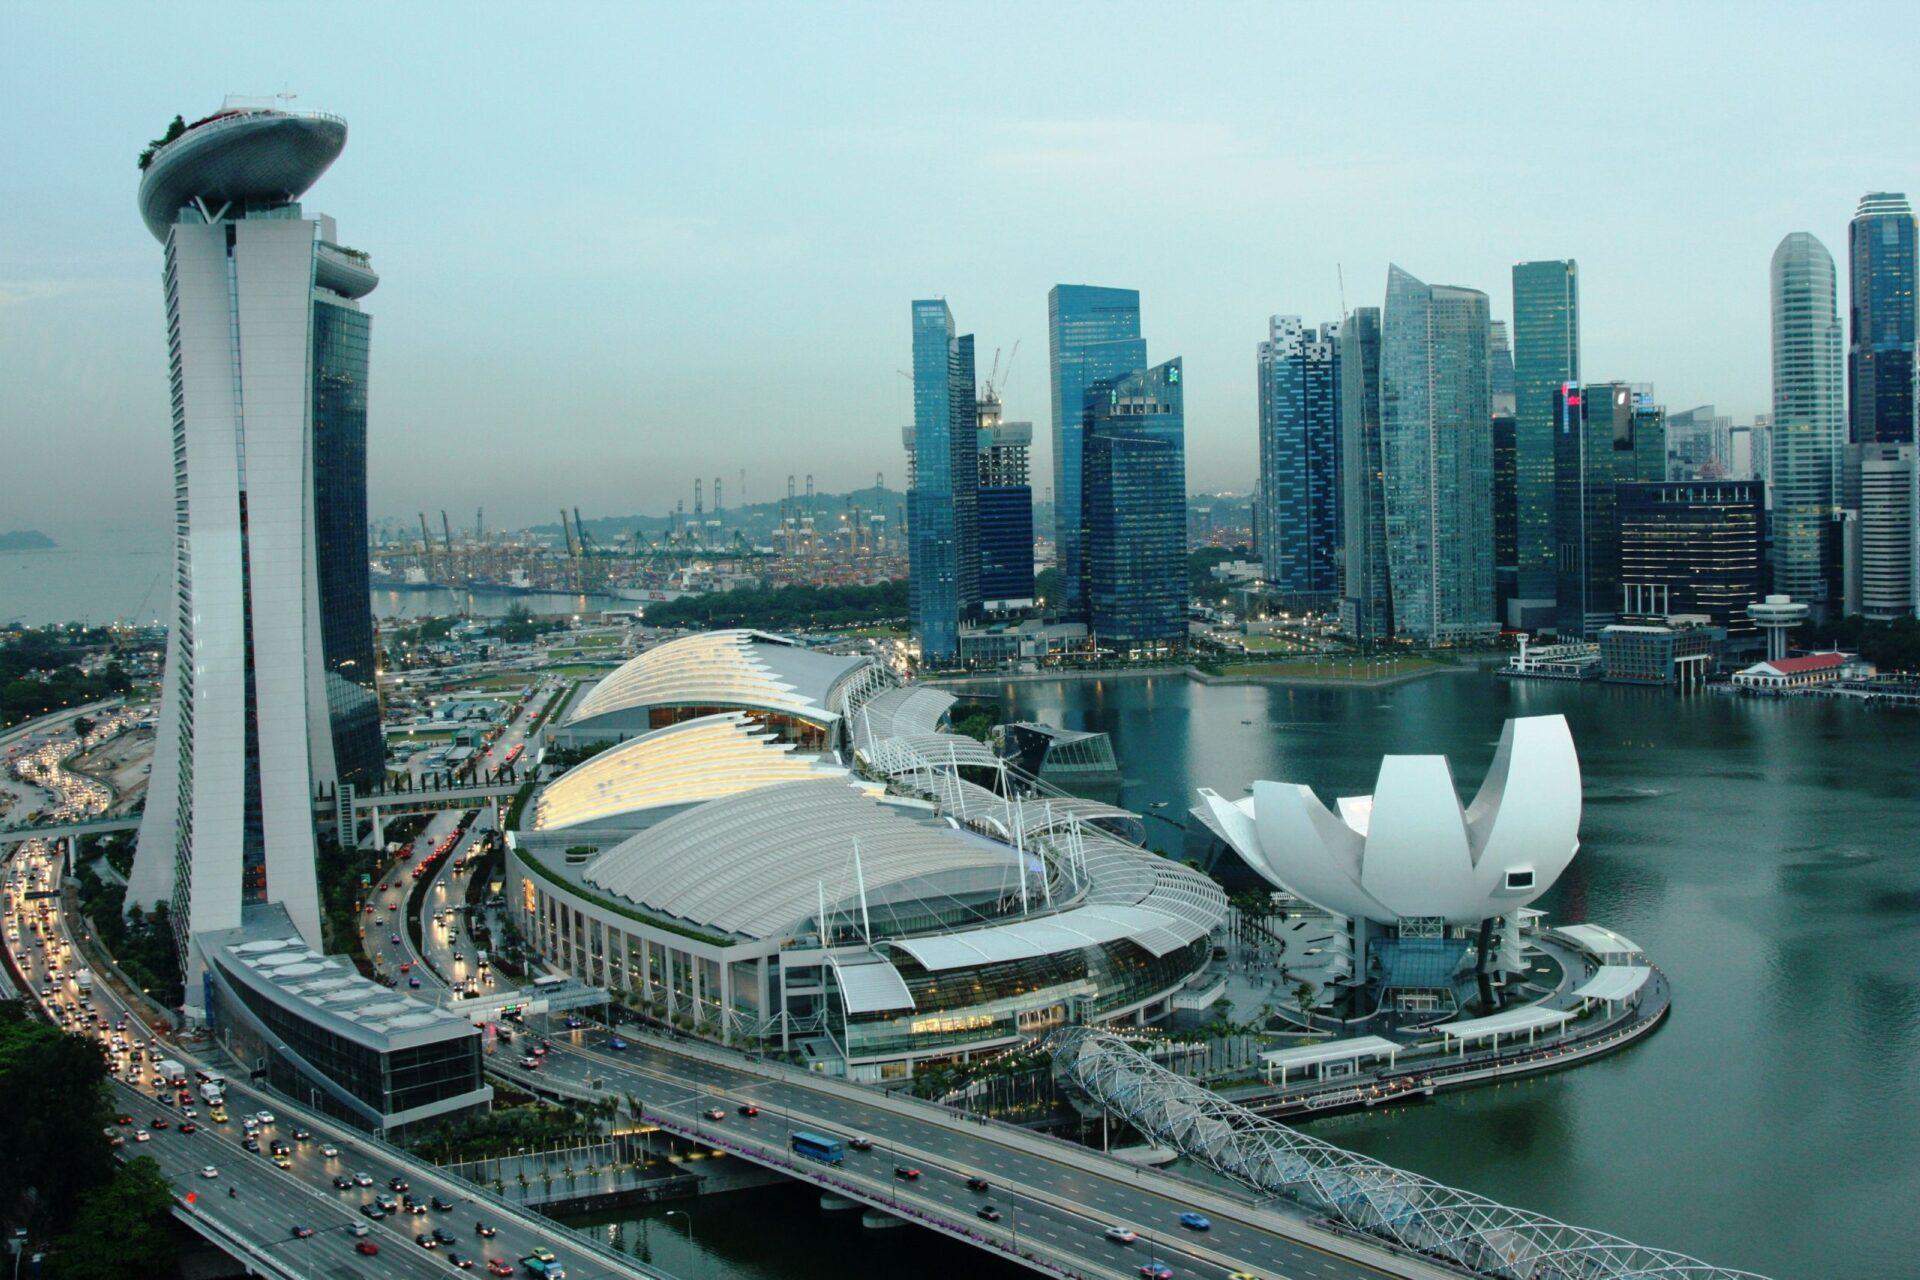 сомневаться, туризм все о сингапуре фото знаменита своим